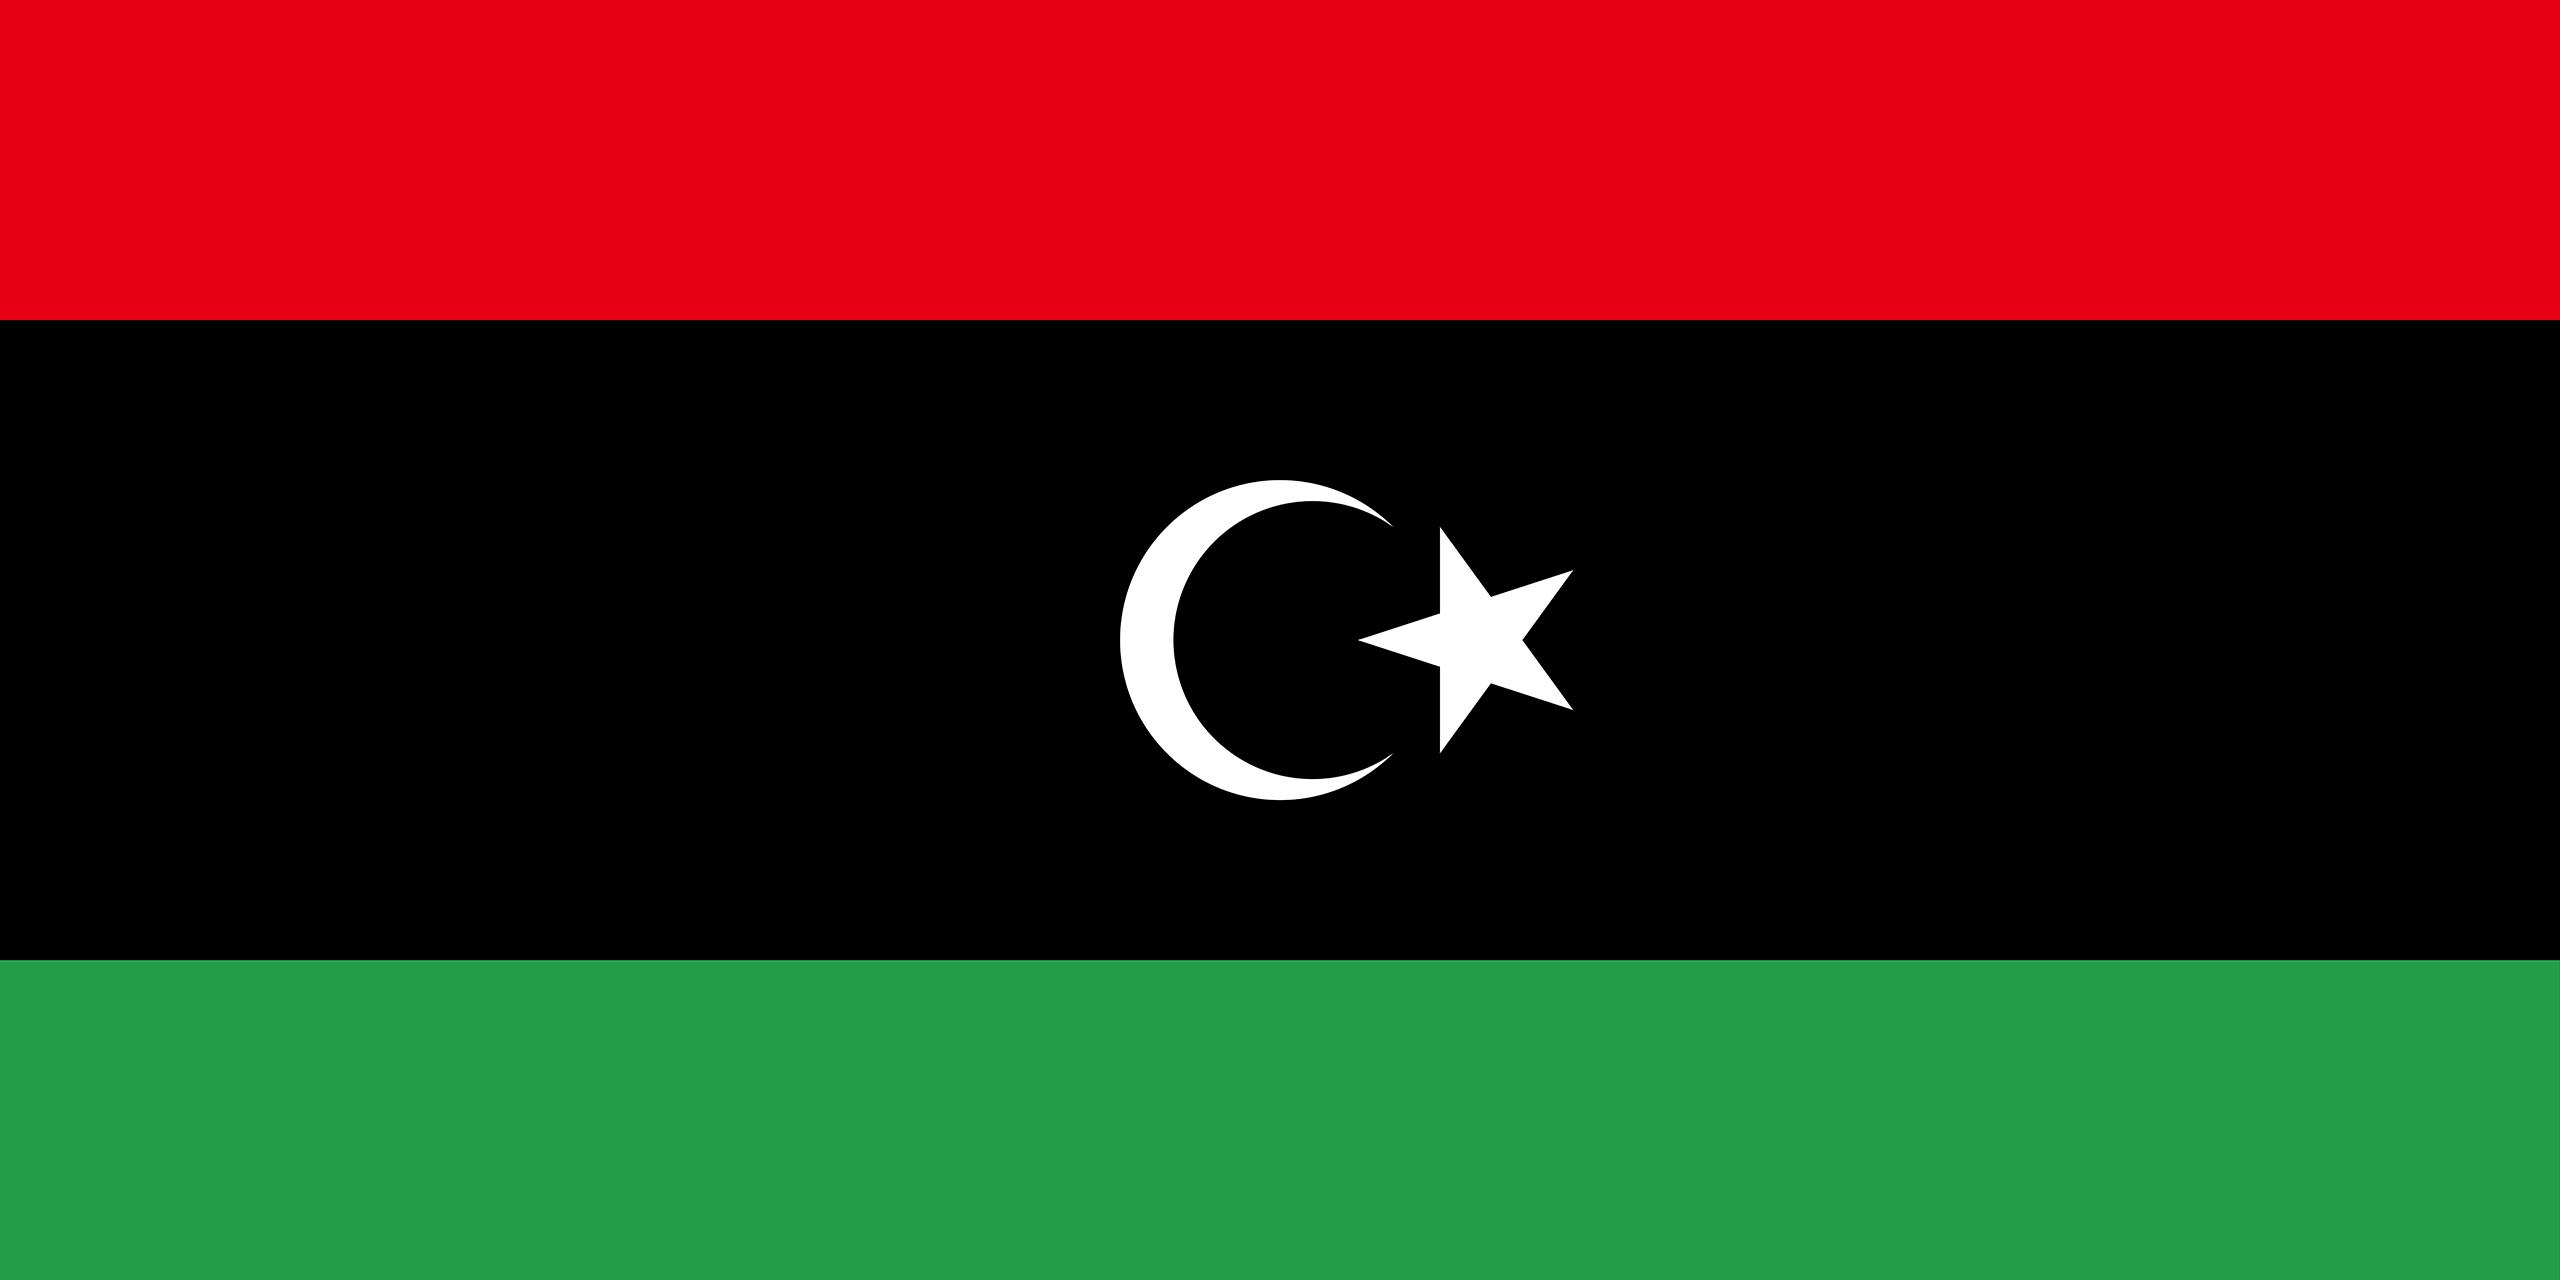 libia, pays, emblème, logo, symbole - Fonds d'écran HD - Professor-falken.com